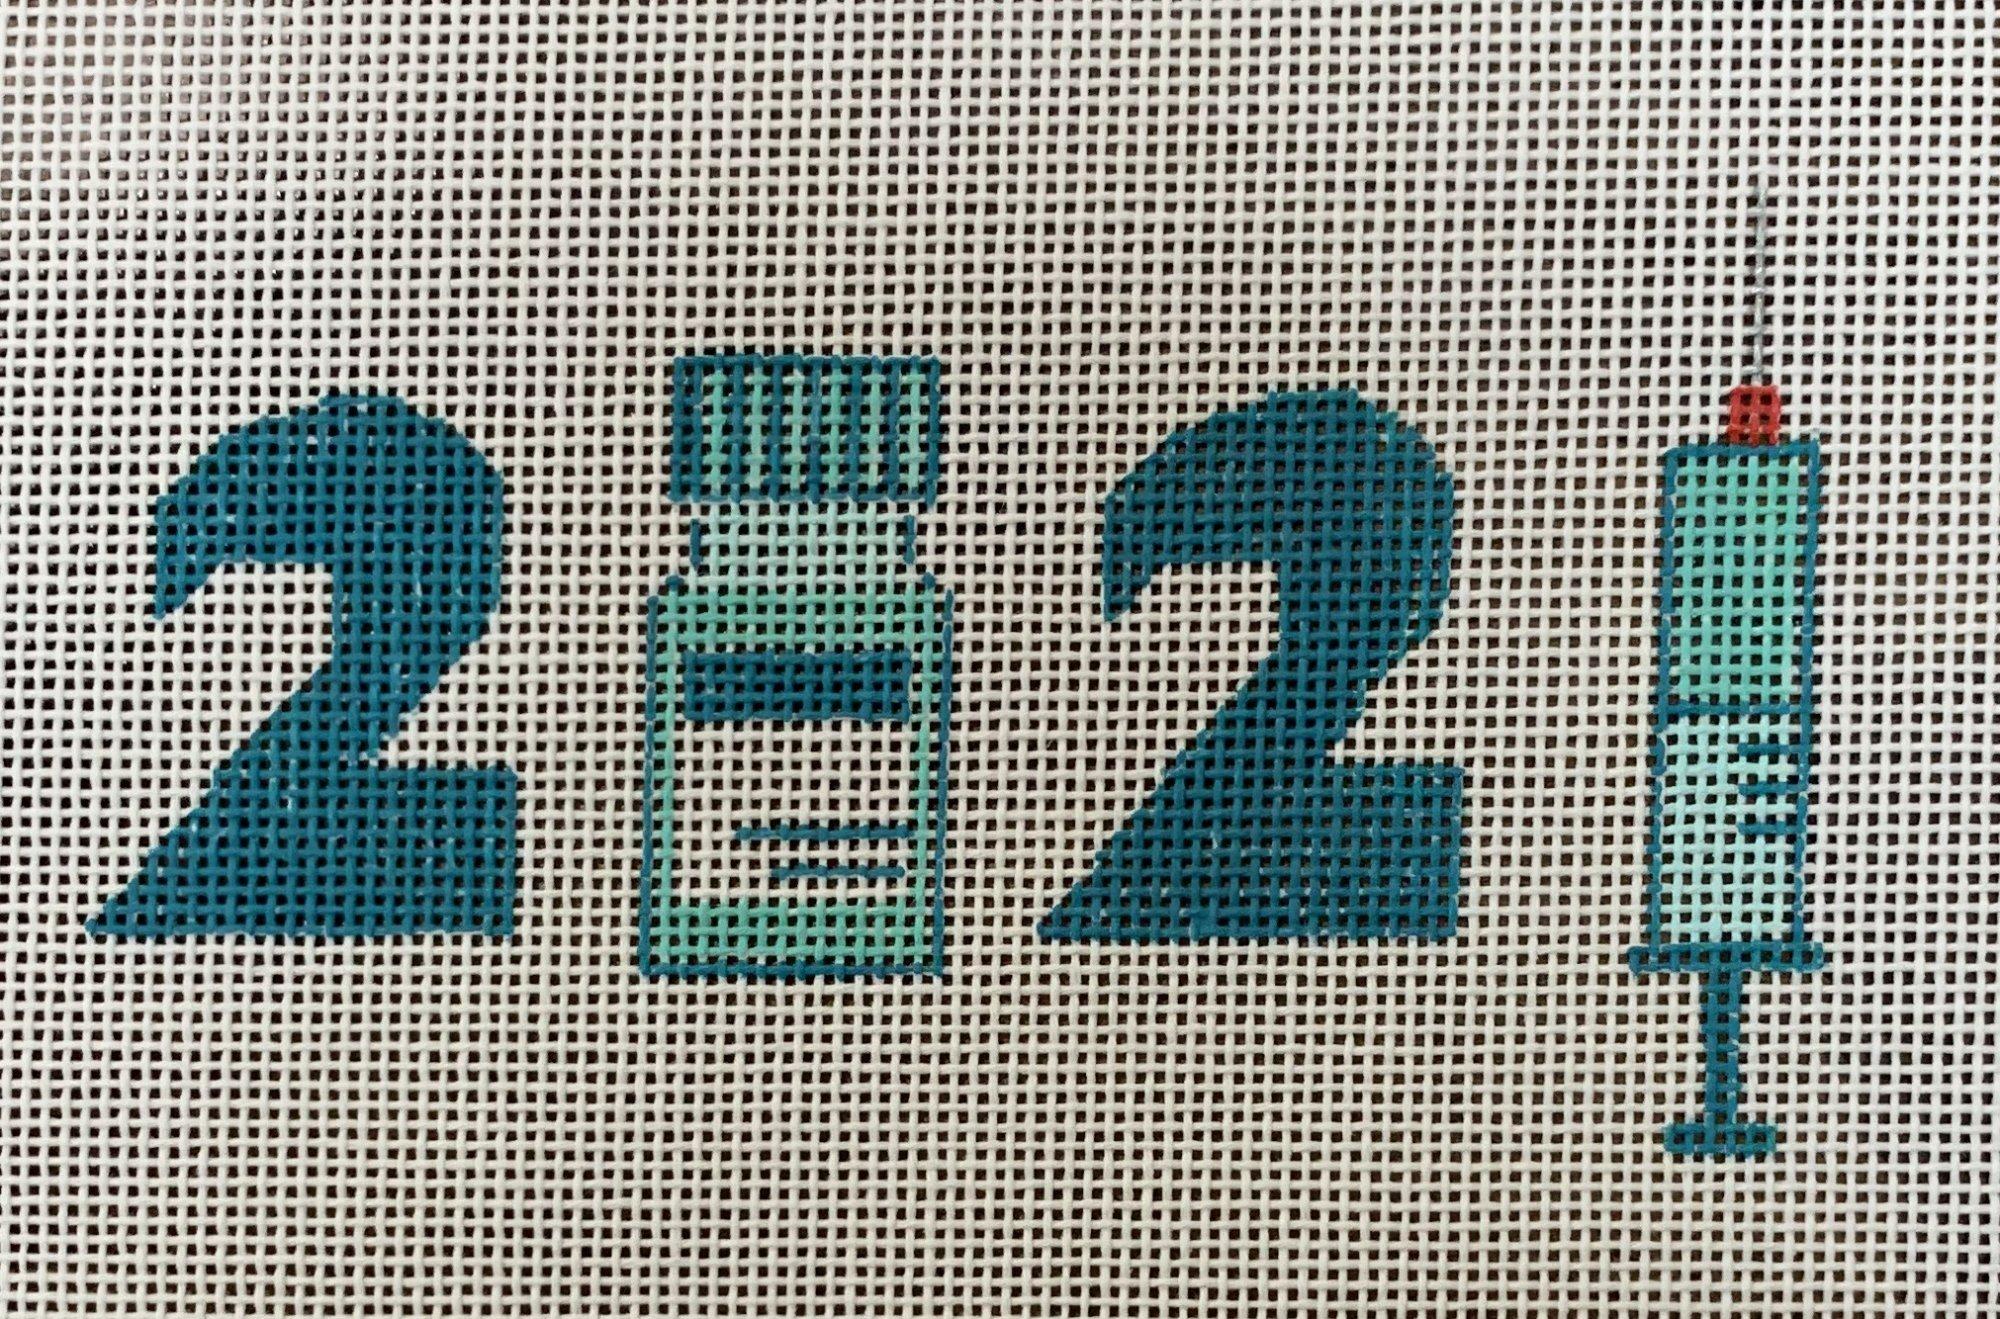 2021 Vaccine